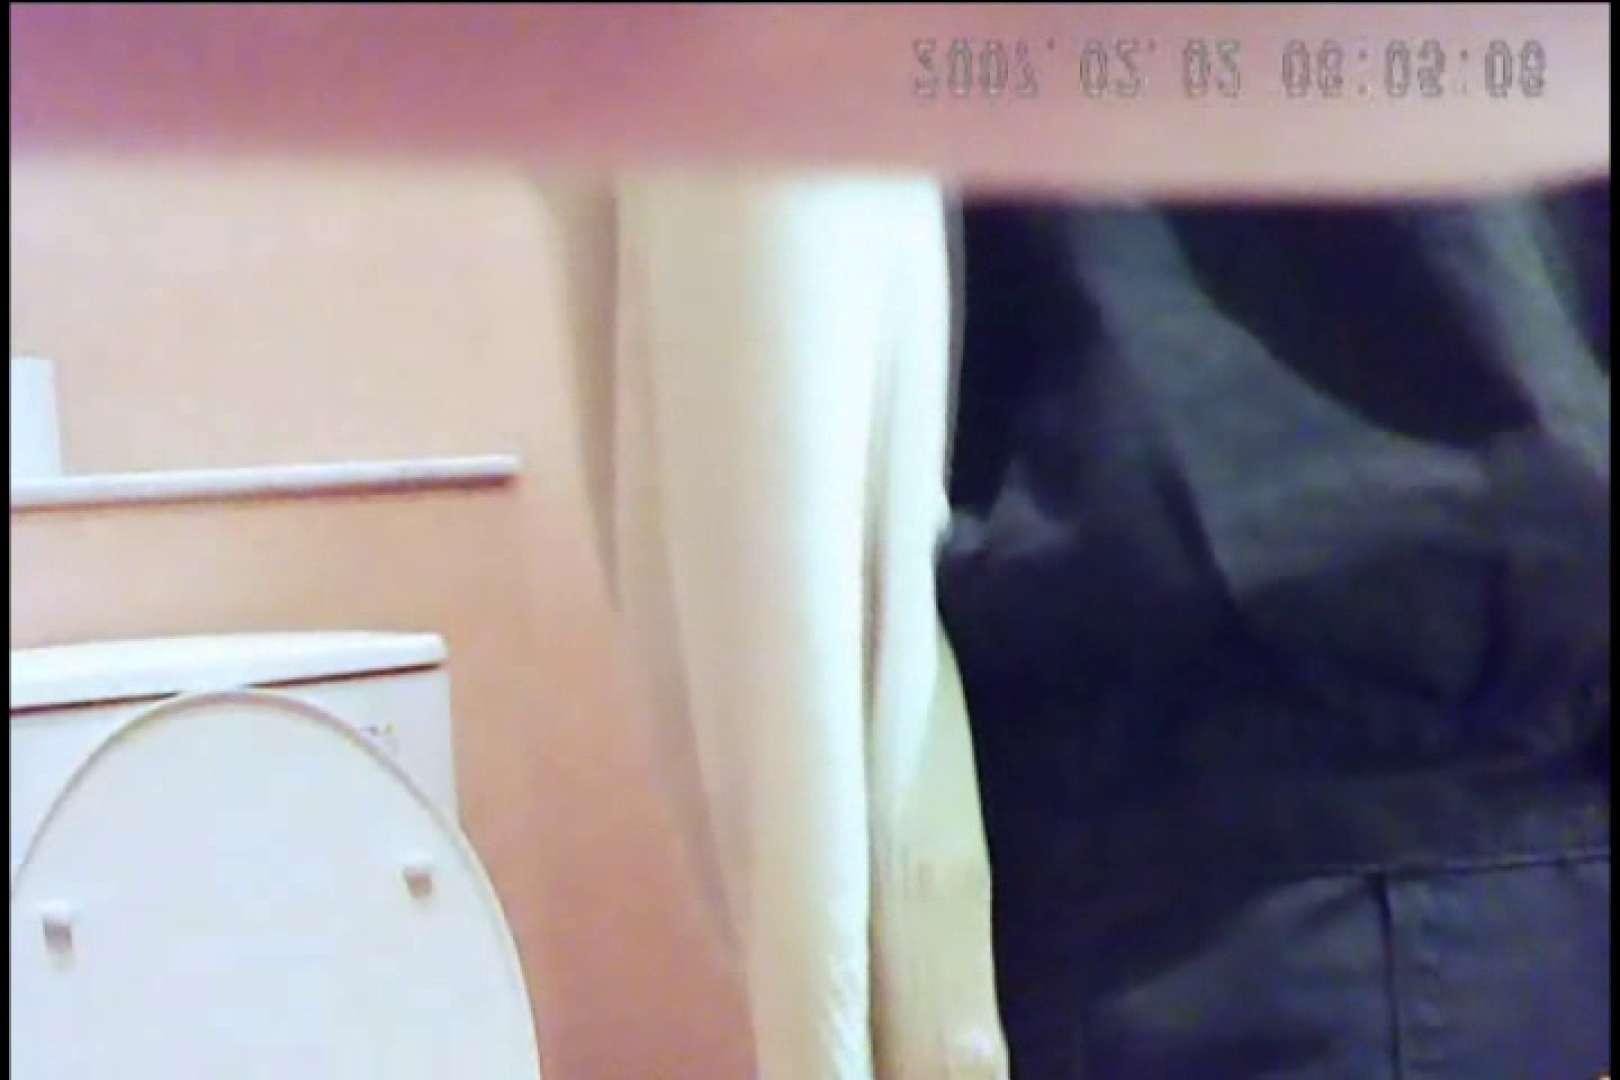 画質向上!新亀さん厠 vol.56 潜入 盗撮セックス無修正動画無料 78連発 68